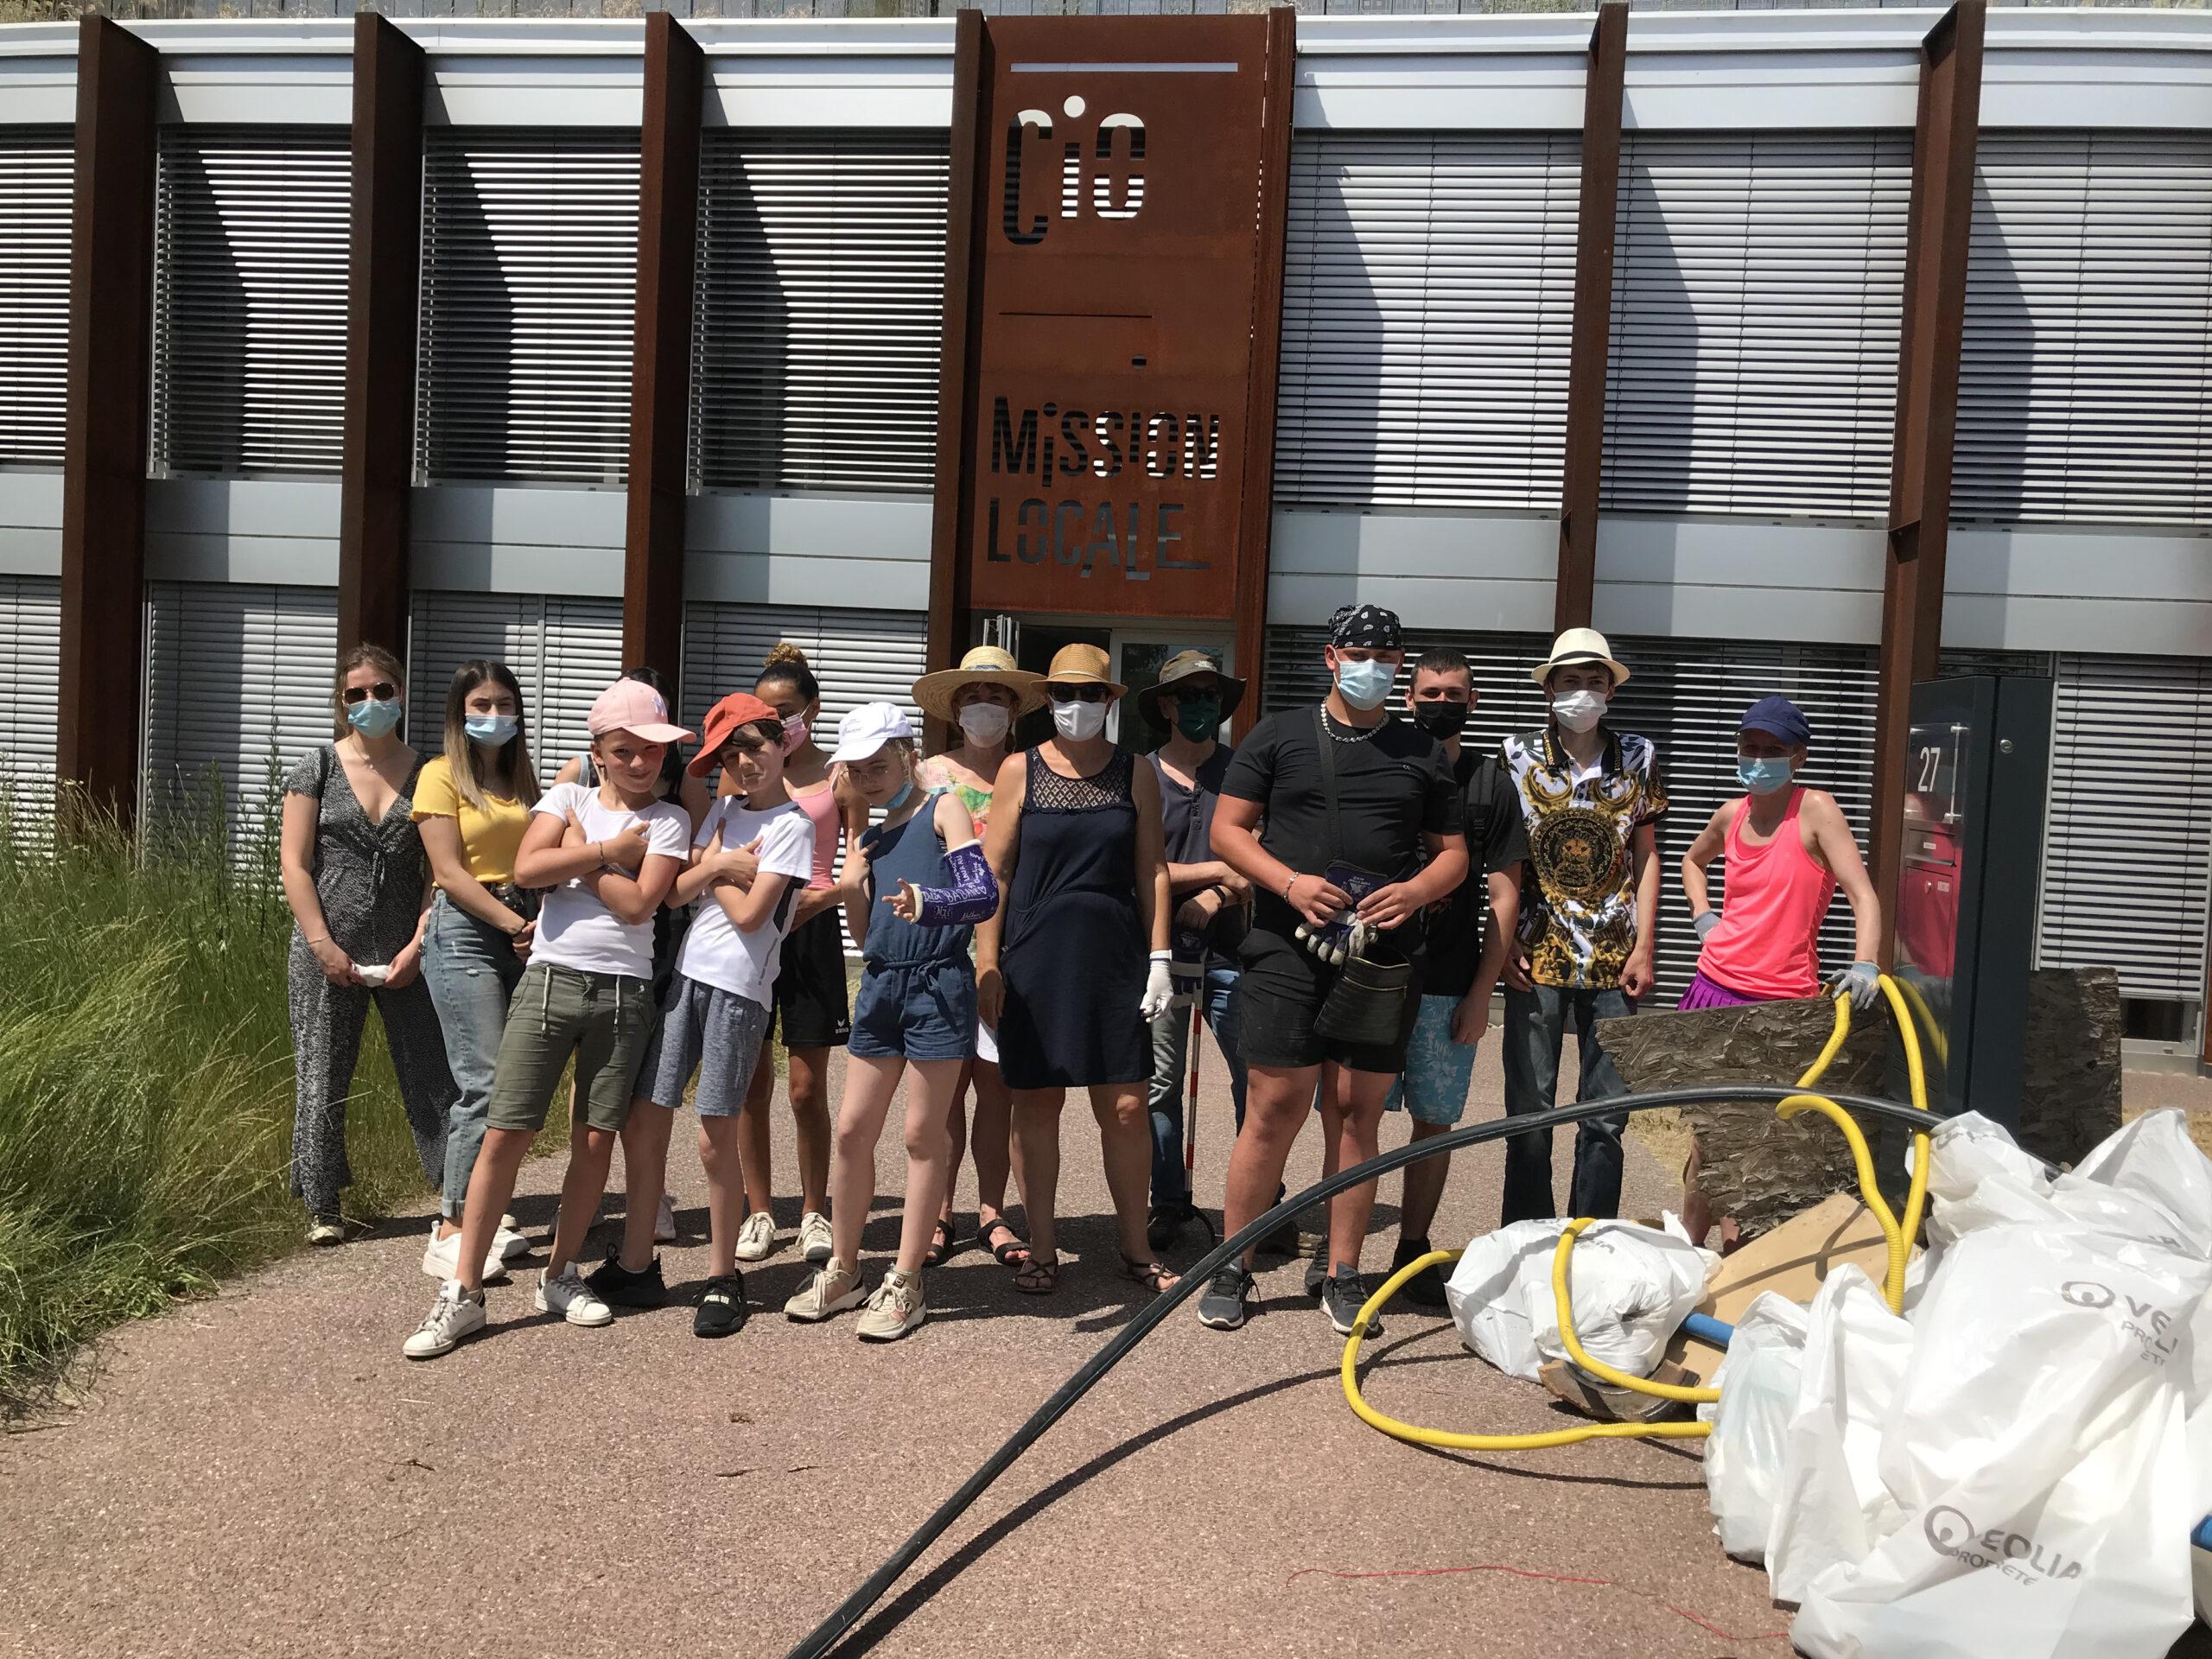 Une collecte de déchets réussie avec la participation des jeunes de la ville de Haguenau !